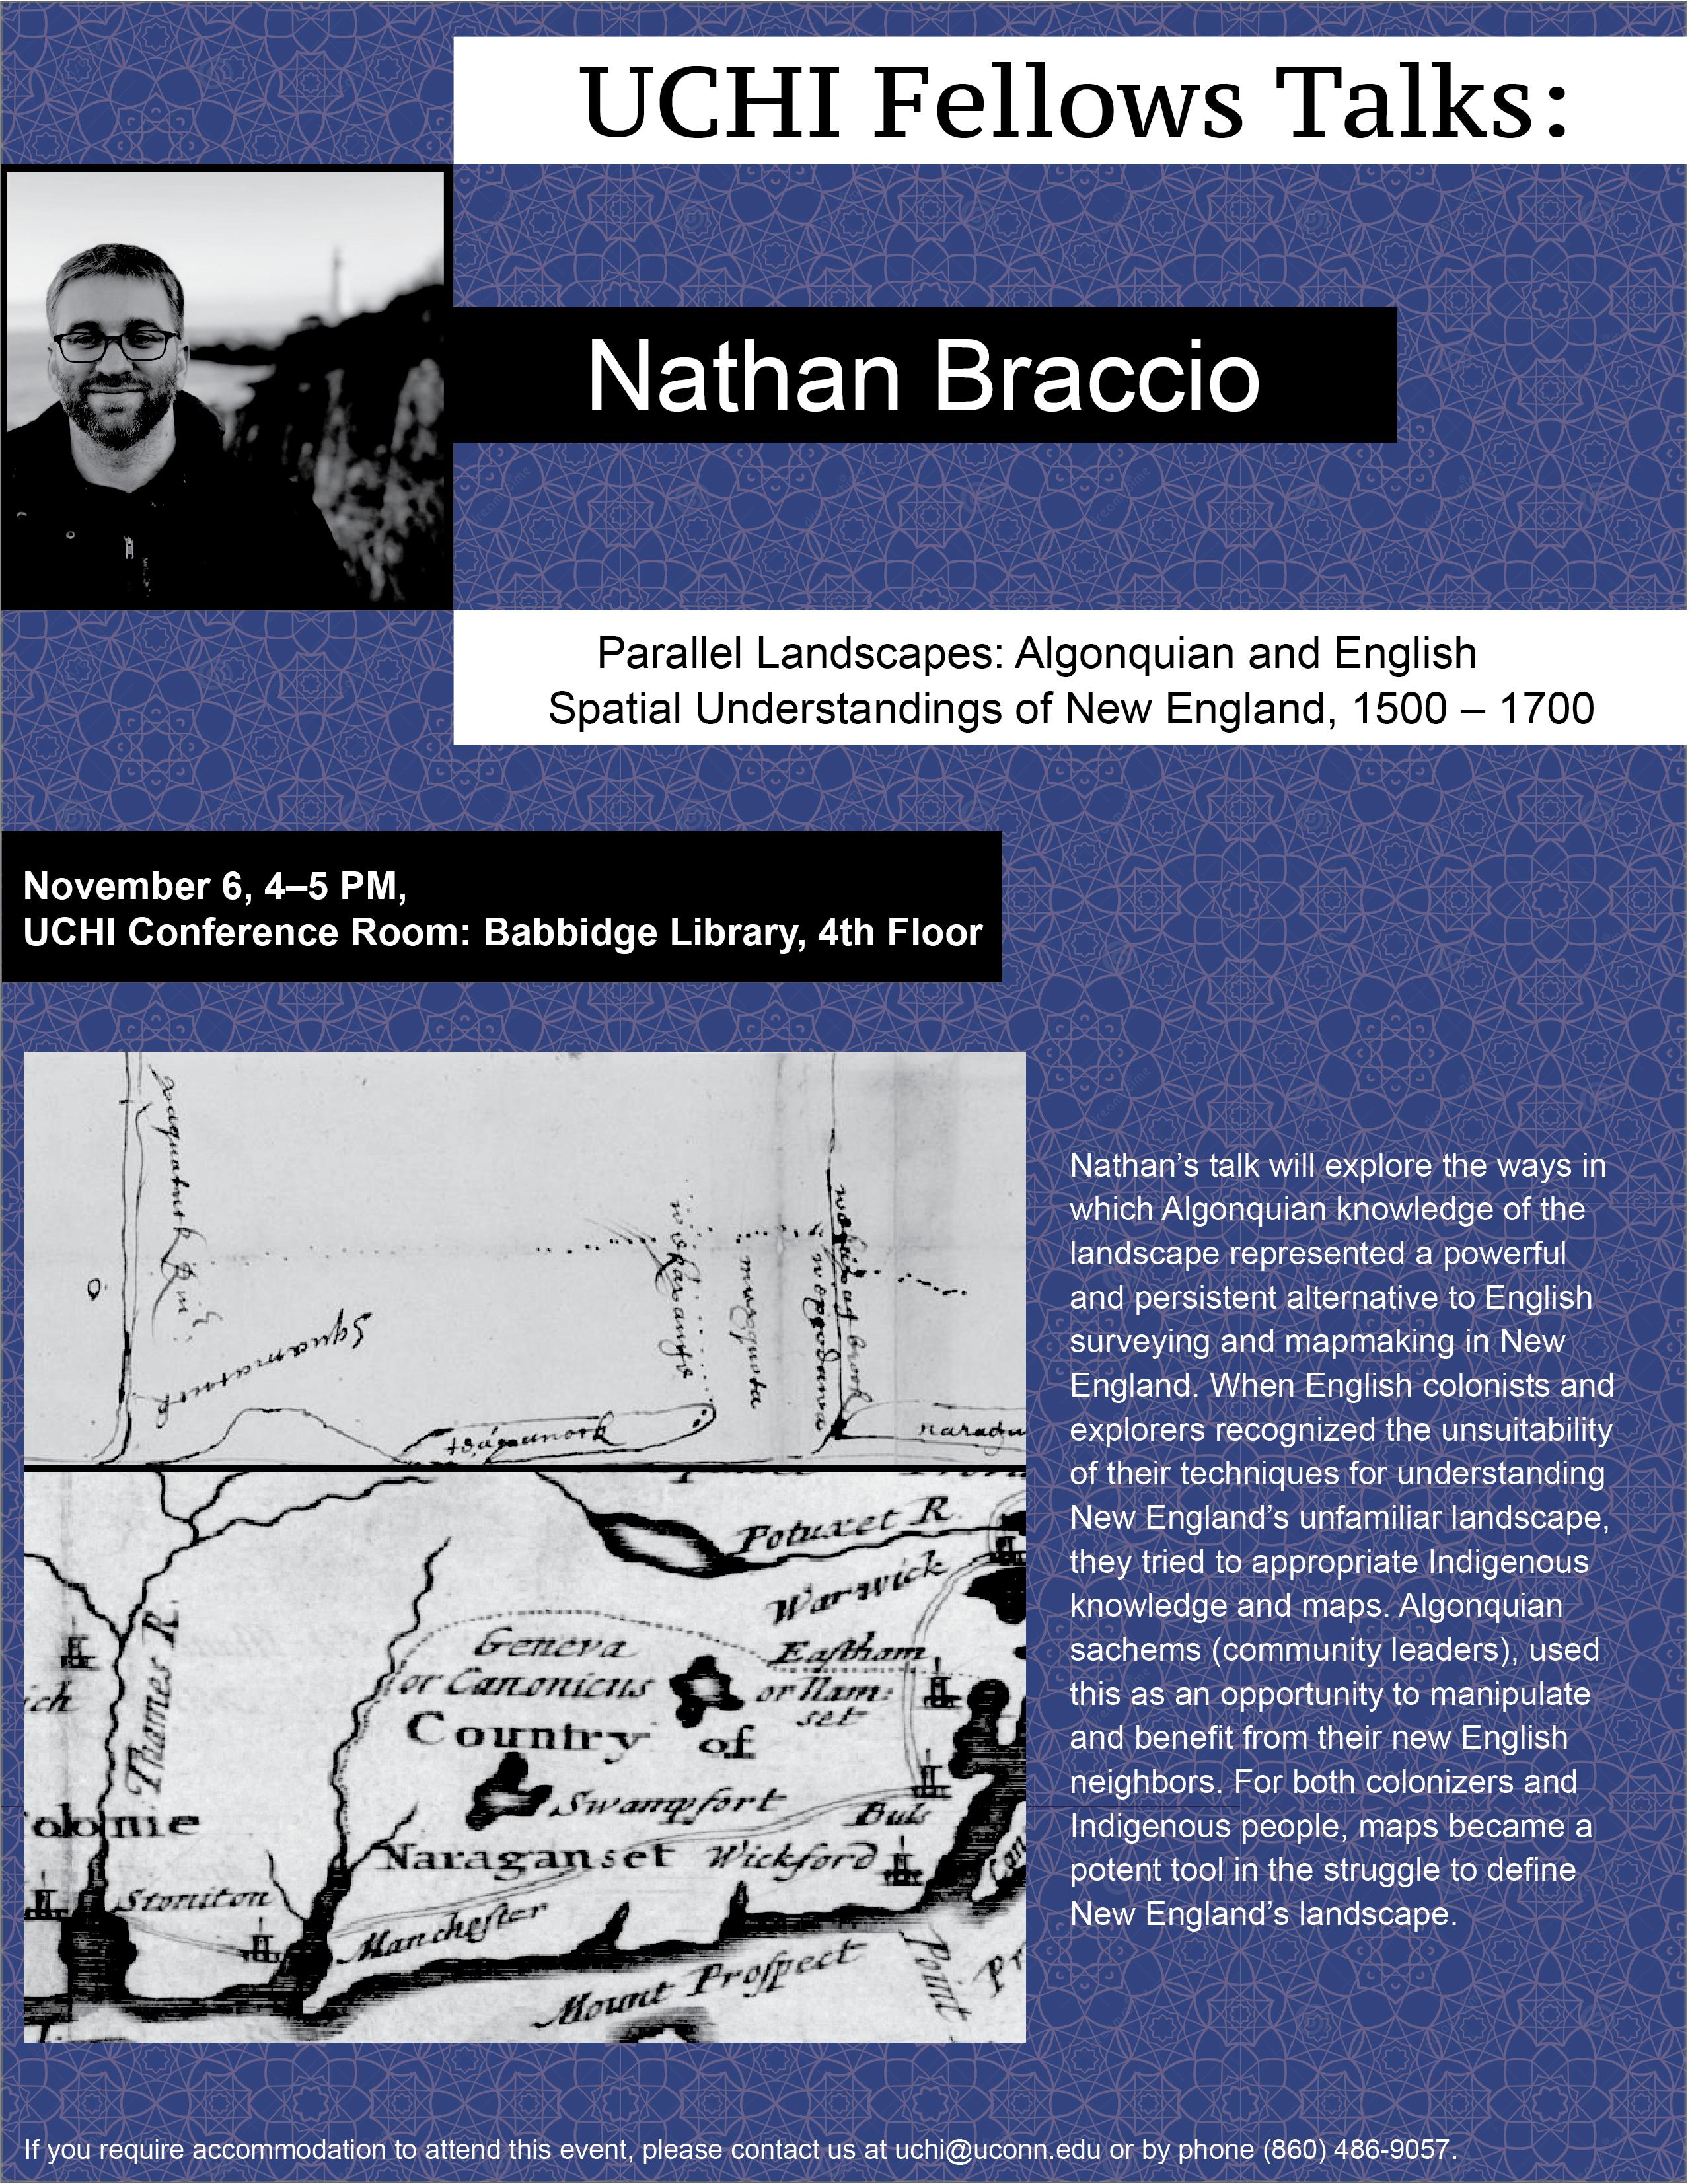 Braccio Talk Flyer